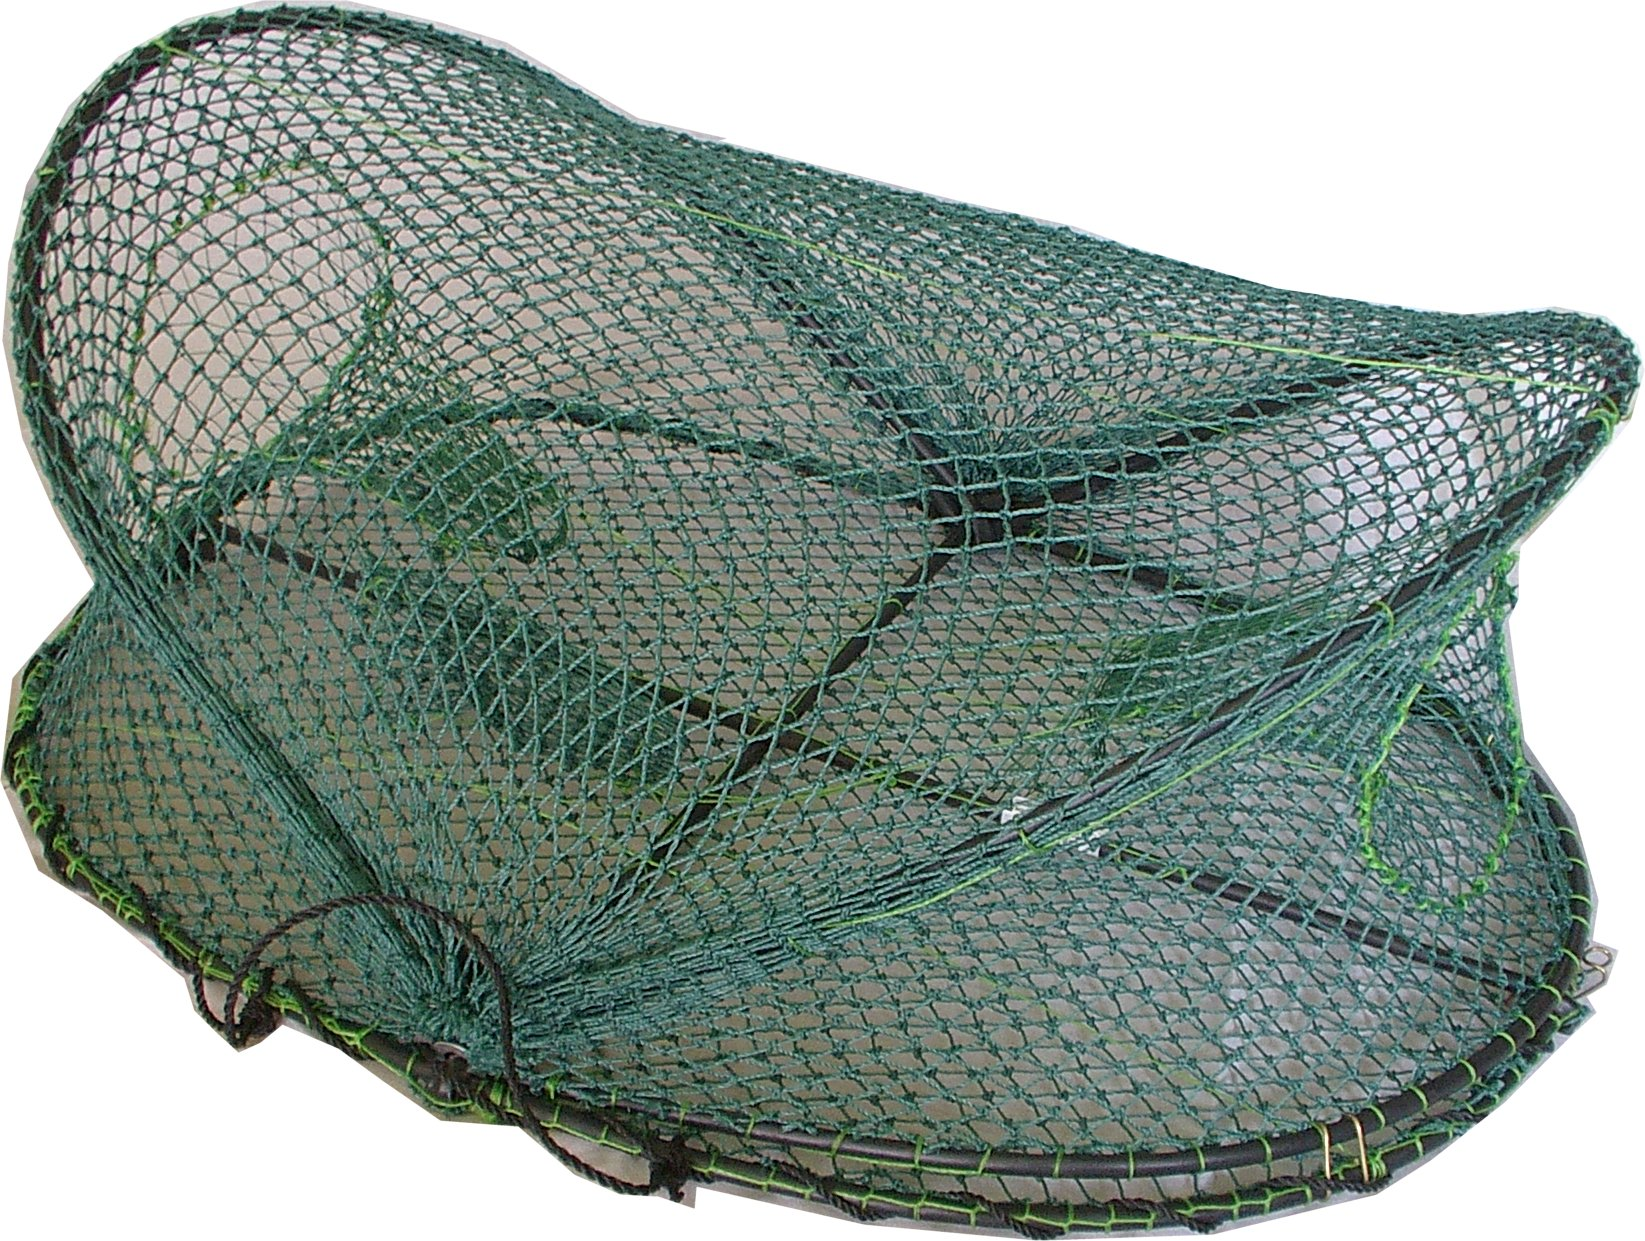 Buy Nets And Traps Australian Aquatic Biological